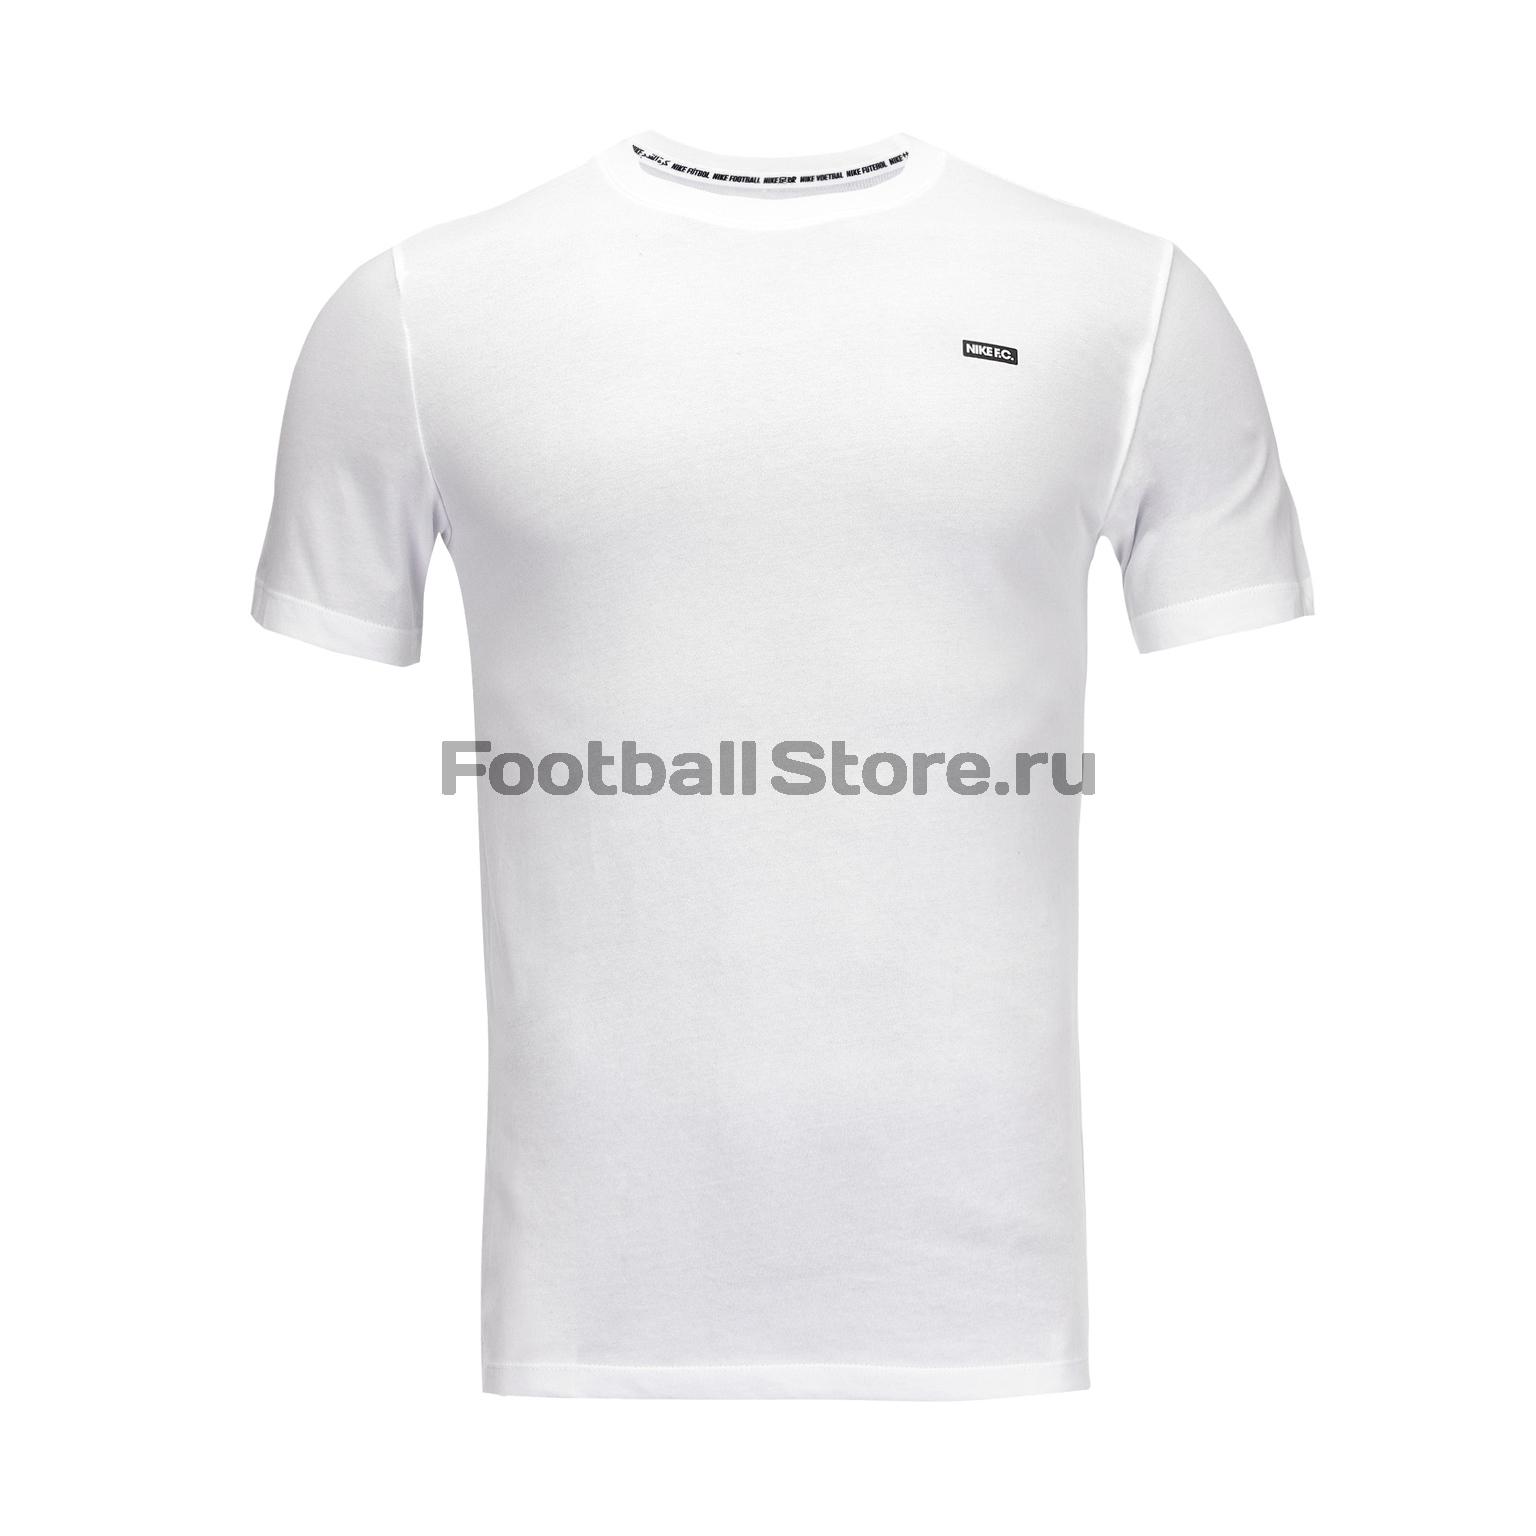 Футболка Nike F.C. Dry Tee Small Block BQ7680-100 недорго, оригинальная цена